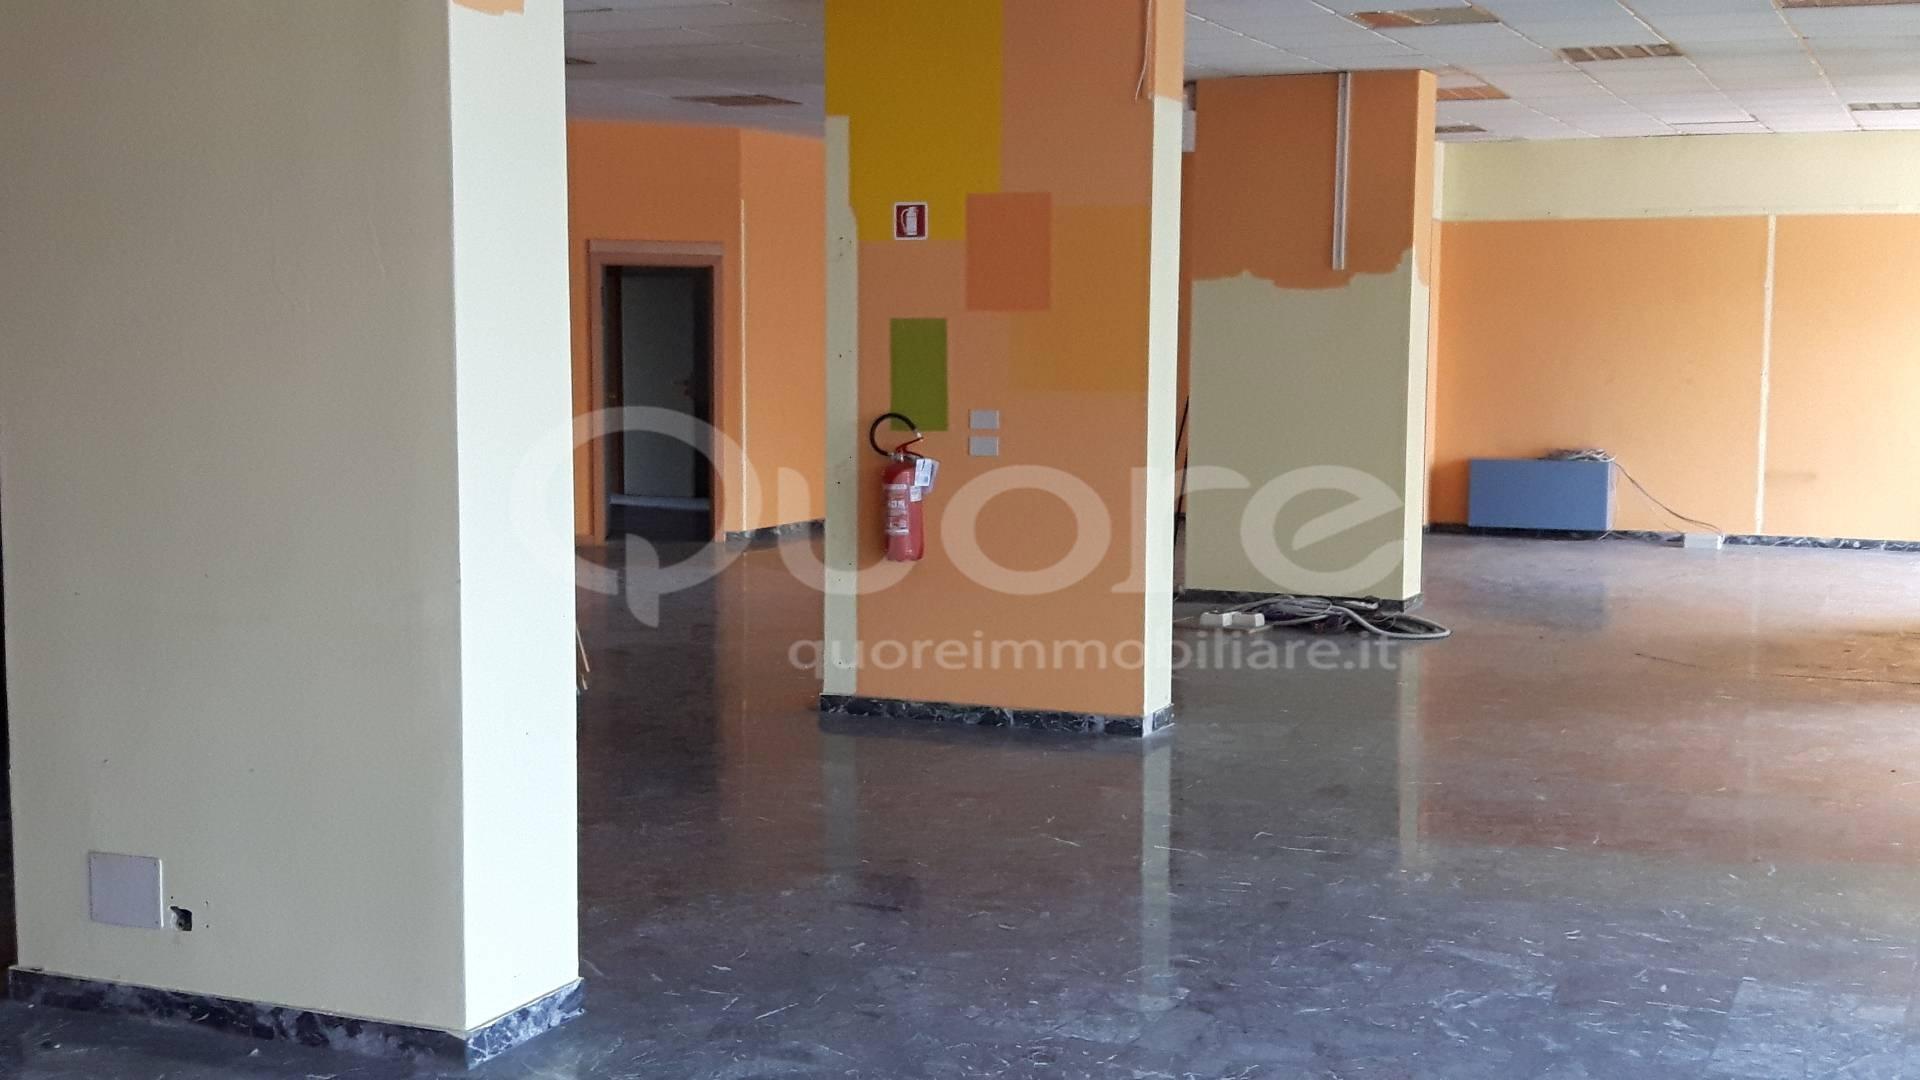 Negozio / Locale in vendita a Udine, 9999 locali, prezzo € 245.000 | CambioCasa.it